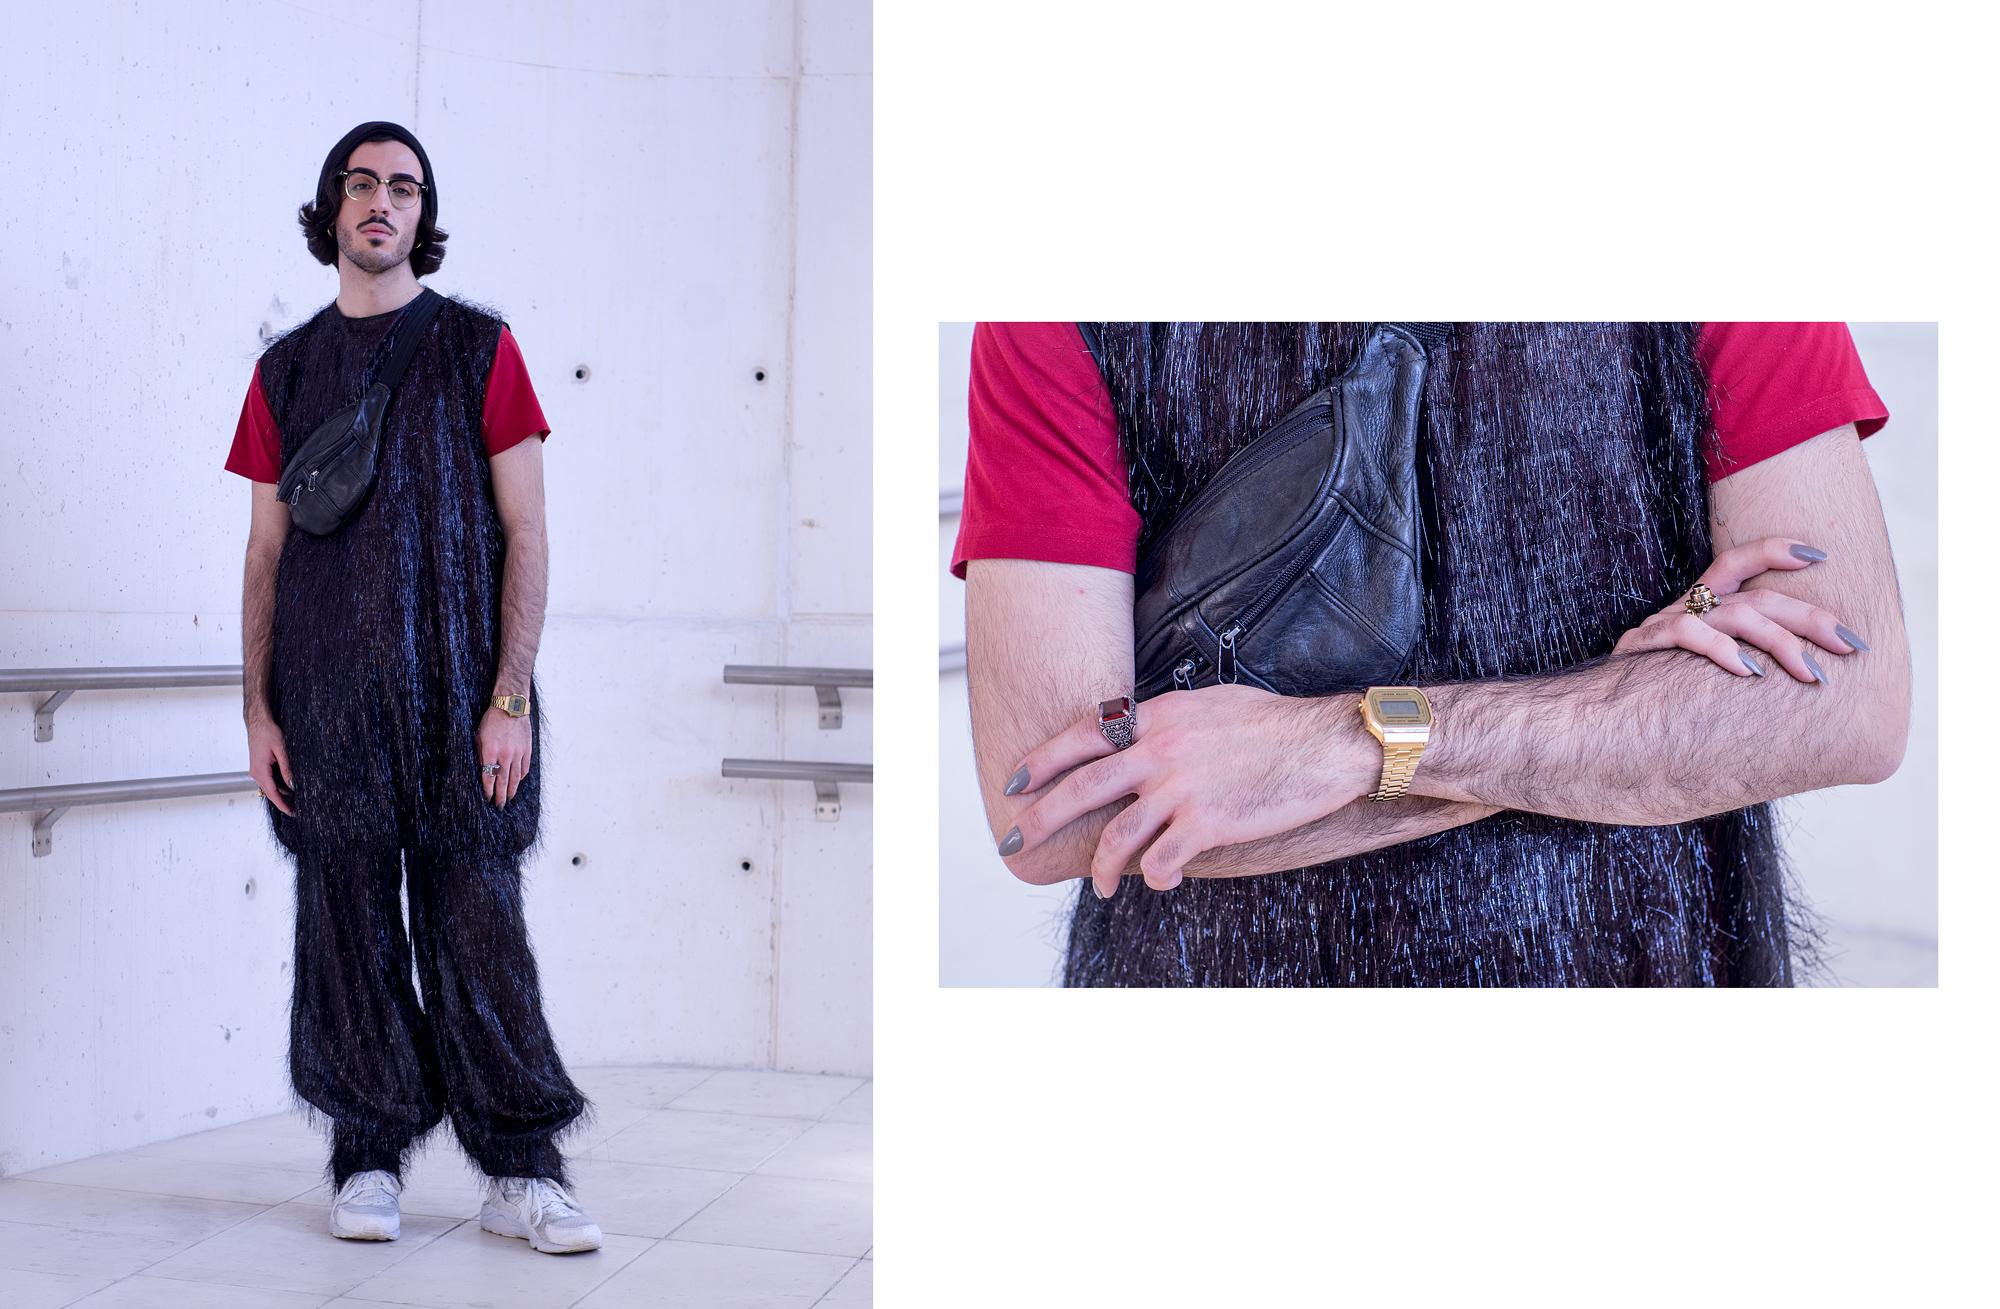 Guillermo, Diseñador de Moda, @guillermodiez1912 : Look Anel Yaos